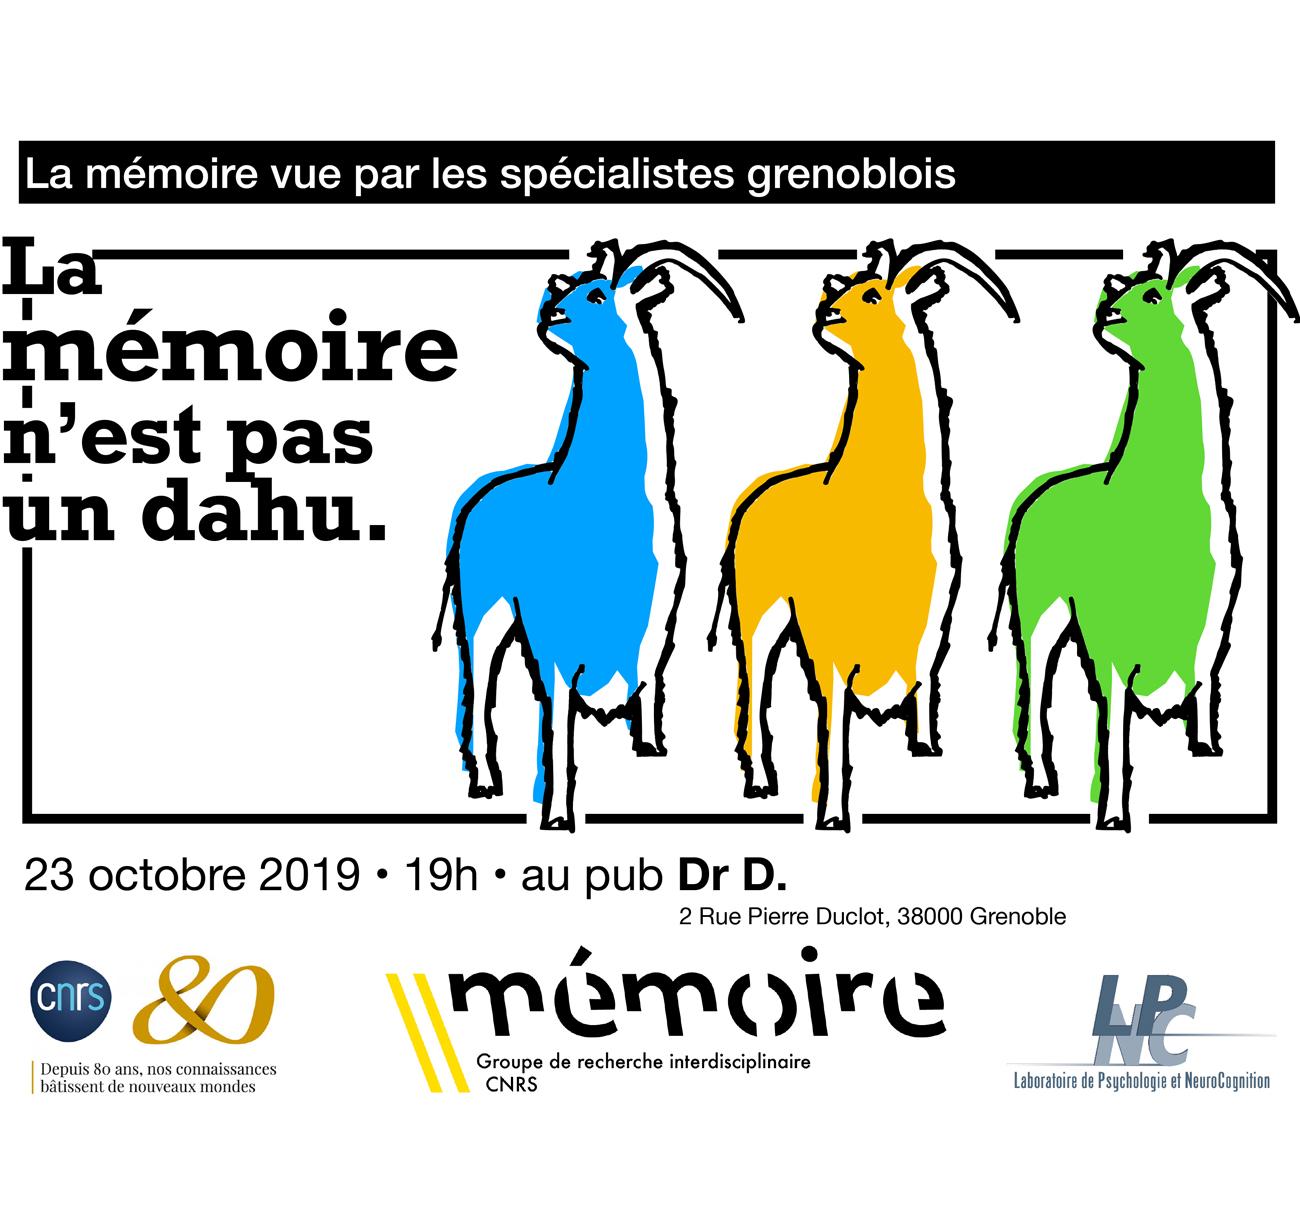 80 ans de recherche sur la mémoire au CNRS